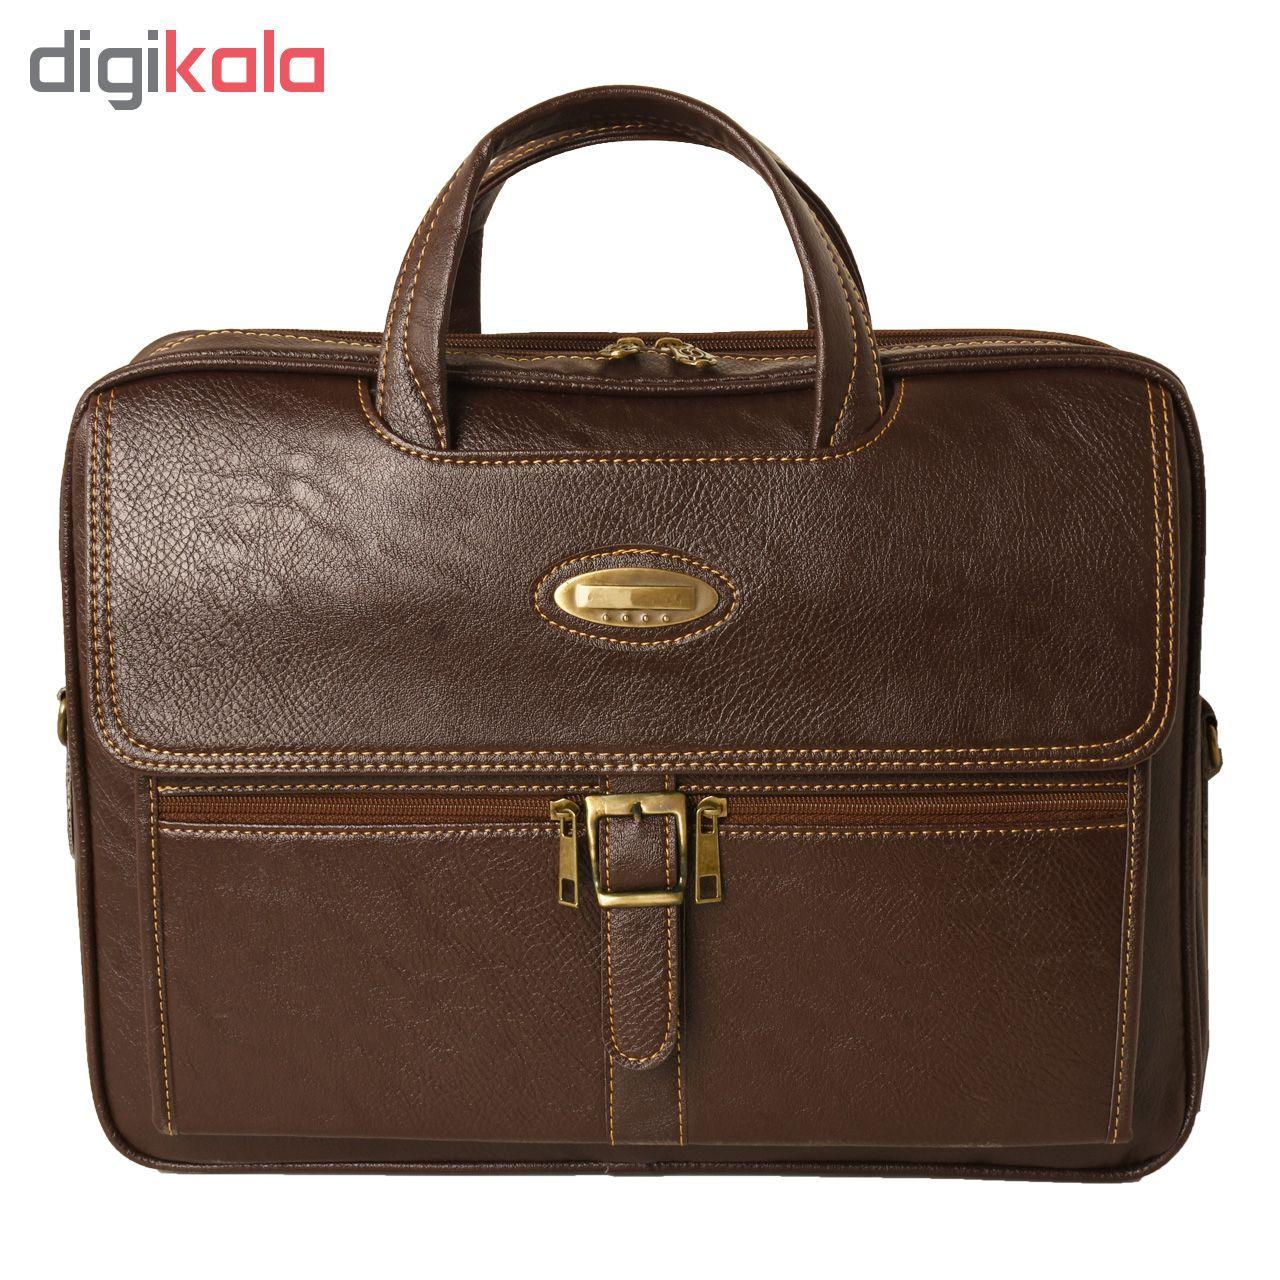 کیف اداری مردانه  کد 15-P256  main 1 1